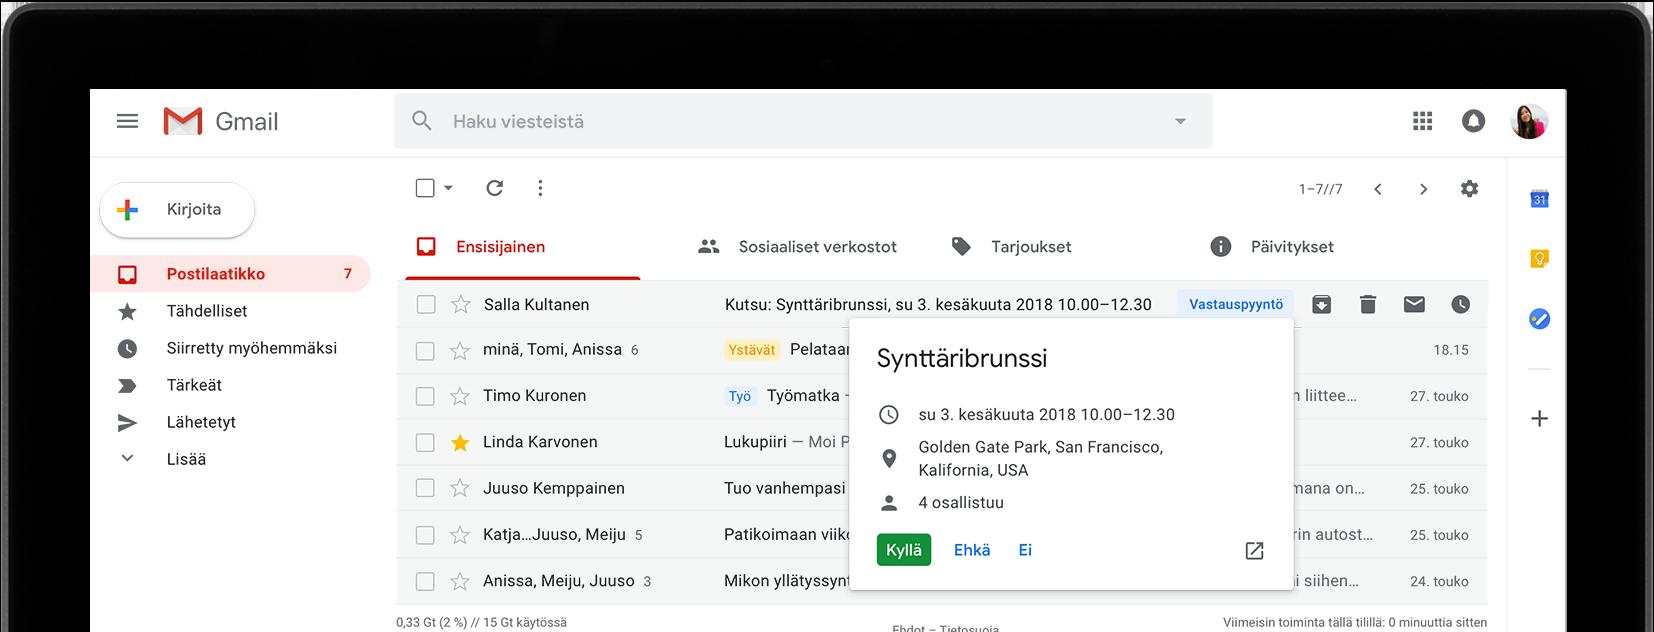 ilmainen sähköposti hotmail Oulu